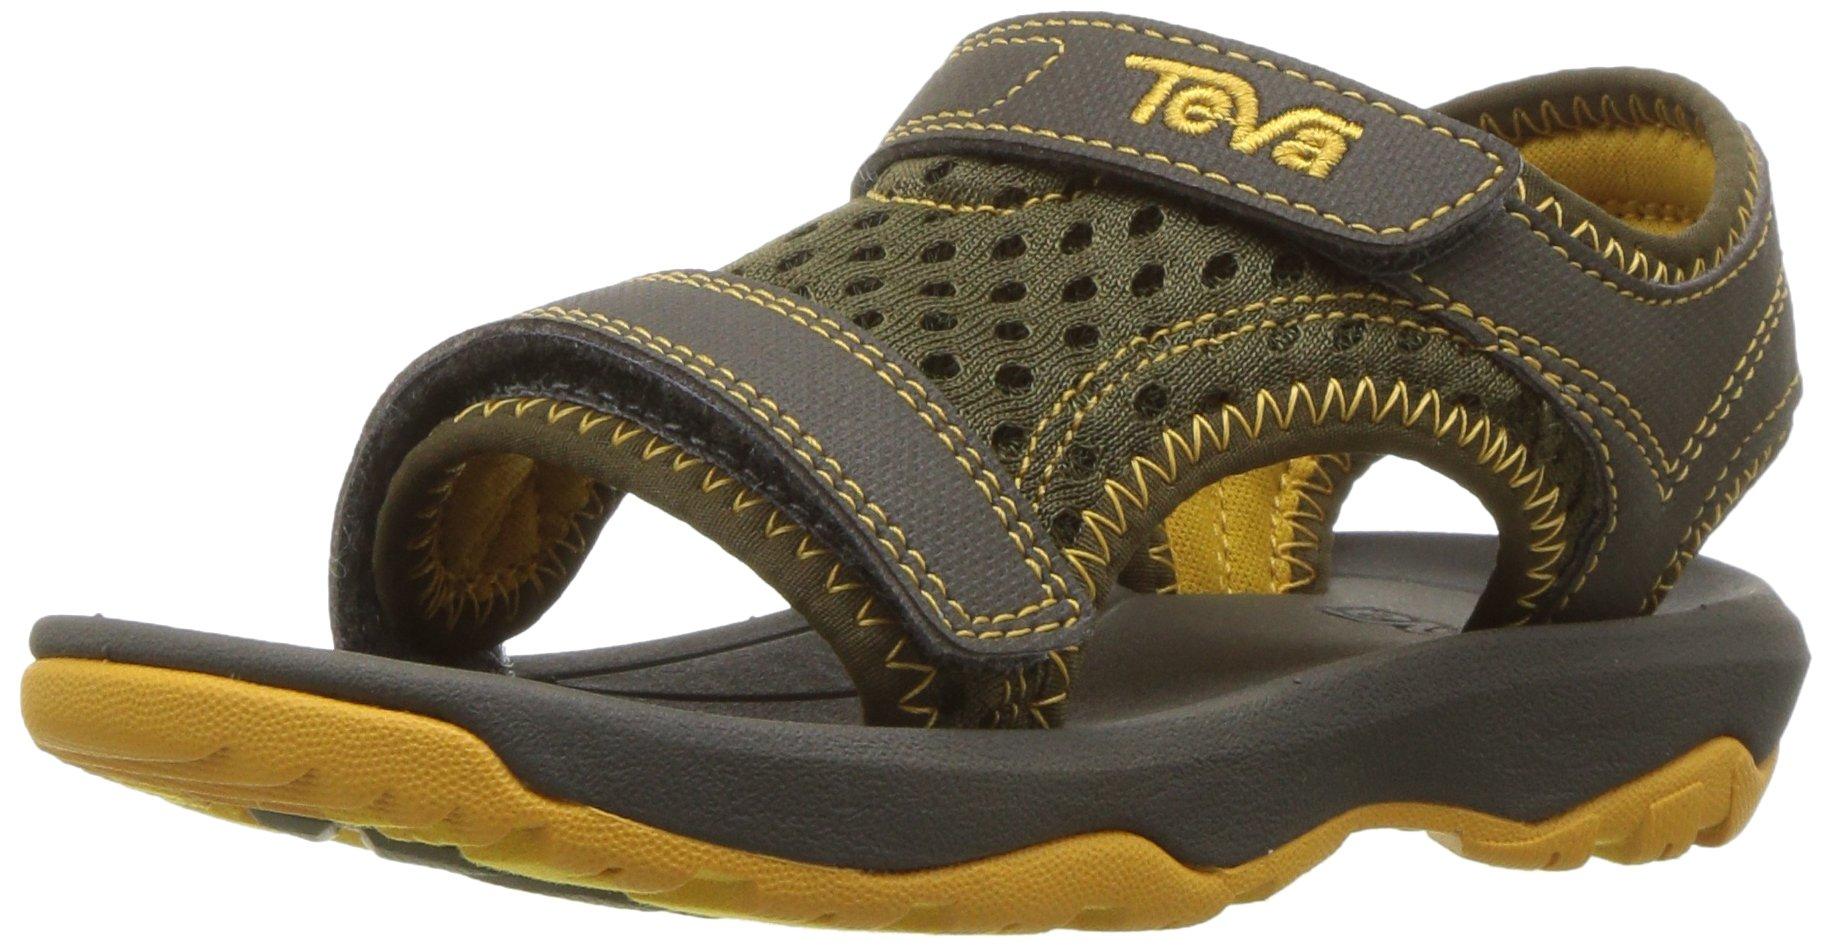 58a7bb32d61e Galleon - Teva Boys  T Psyclone XLT Sport Sandal